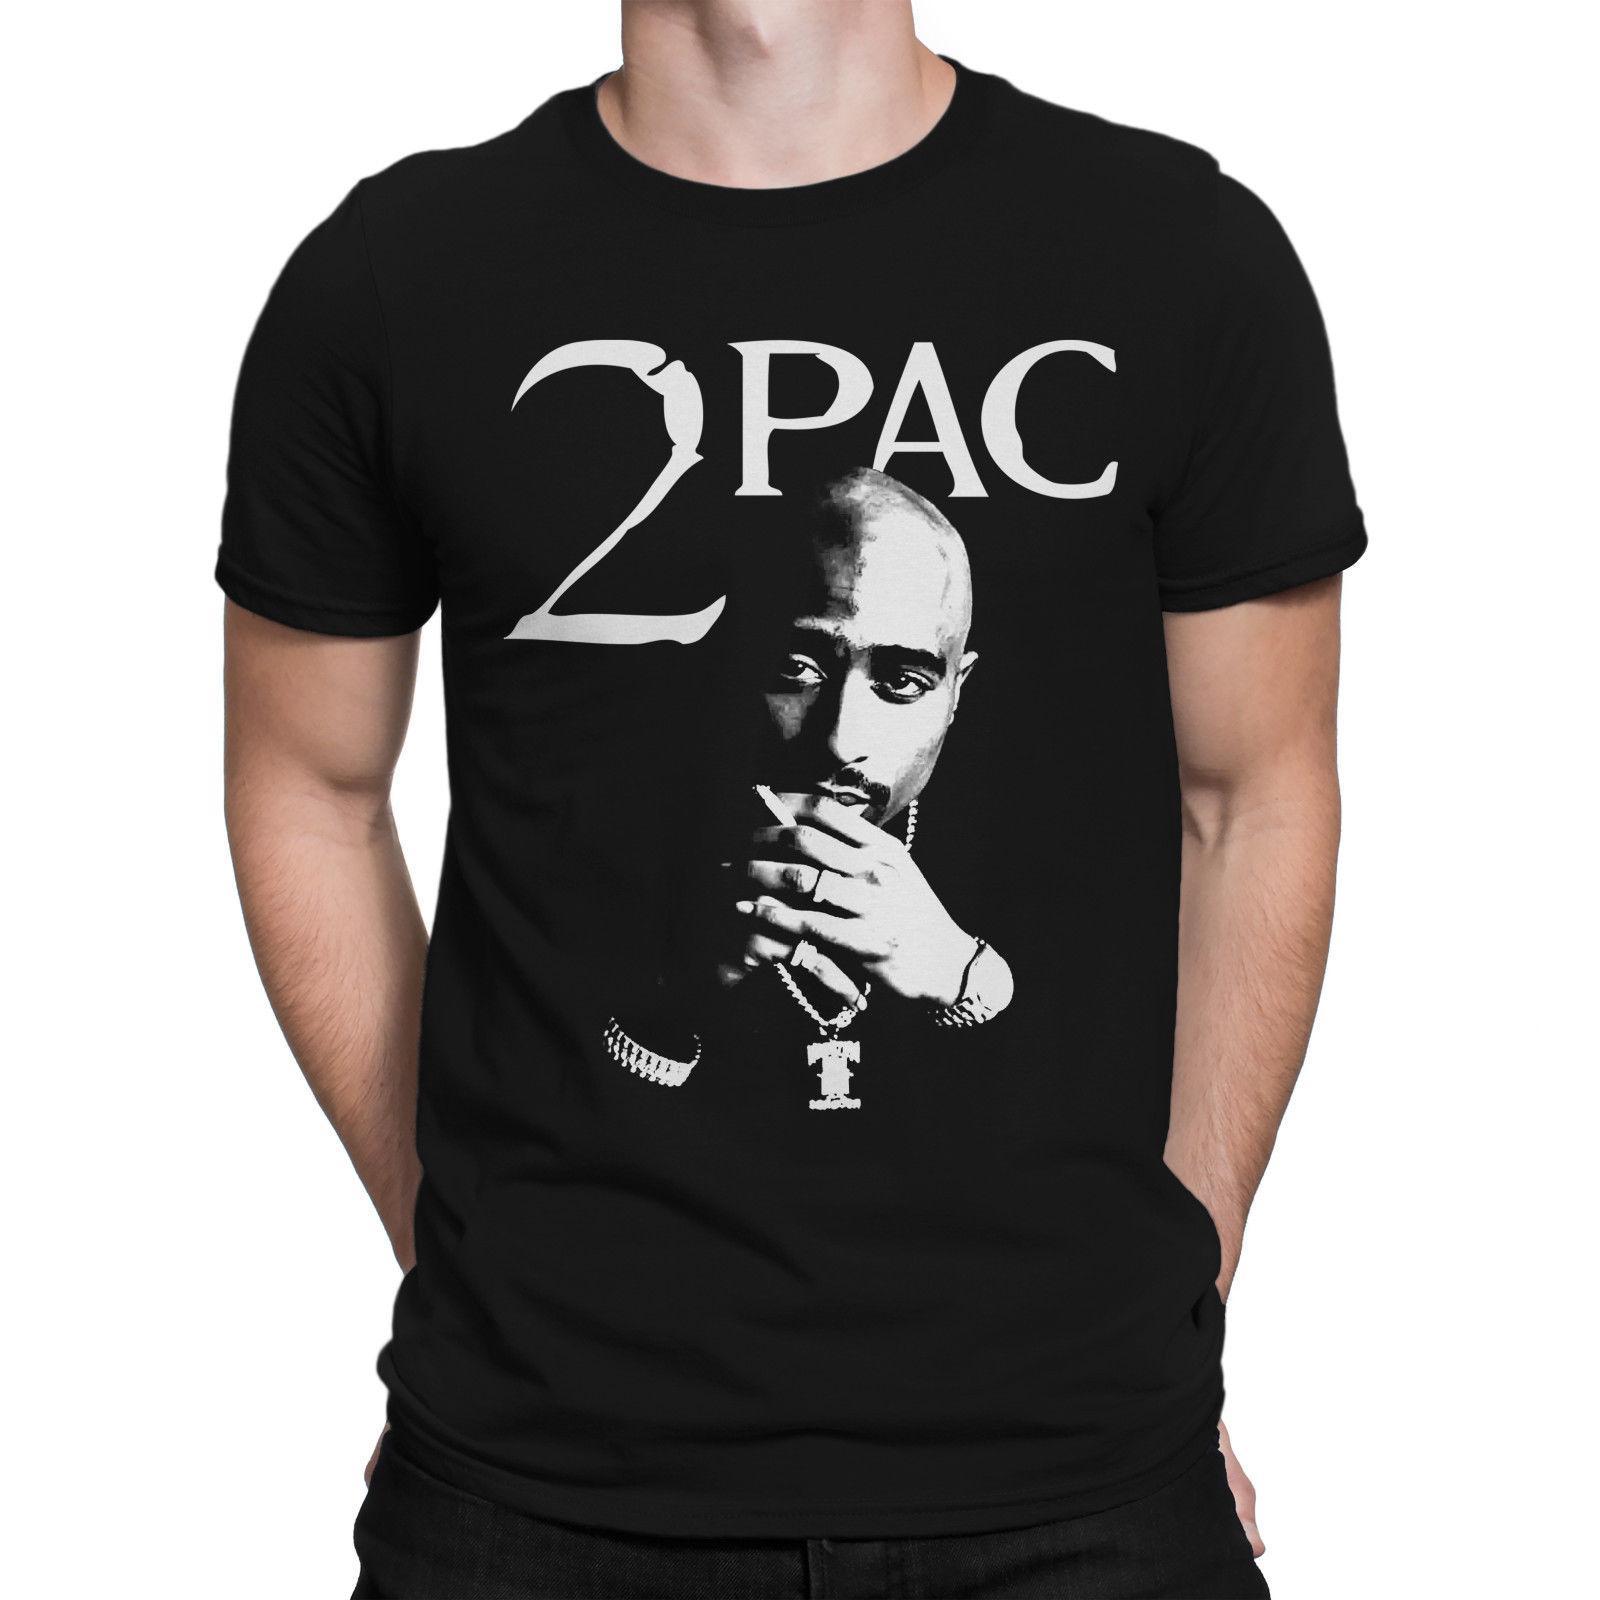 спорт 2019 Новый летний Слим майка 2Pac Тупак Шакур Иконка Rap Hip Hop Мужчины Печатные футболки